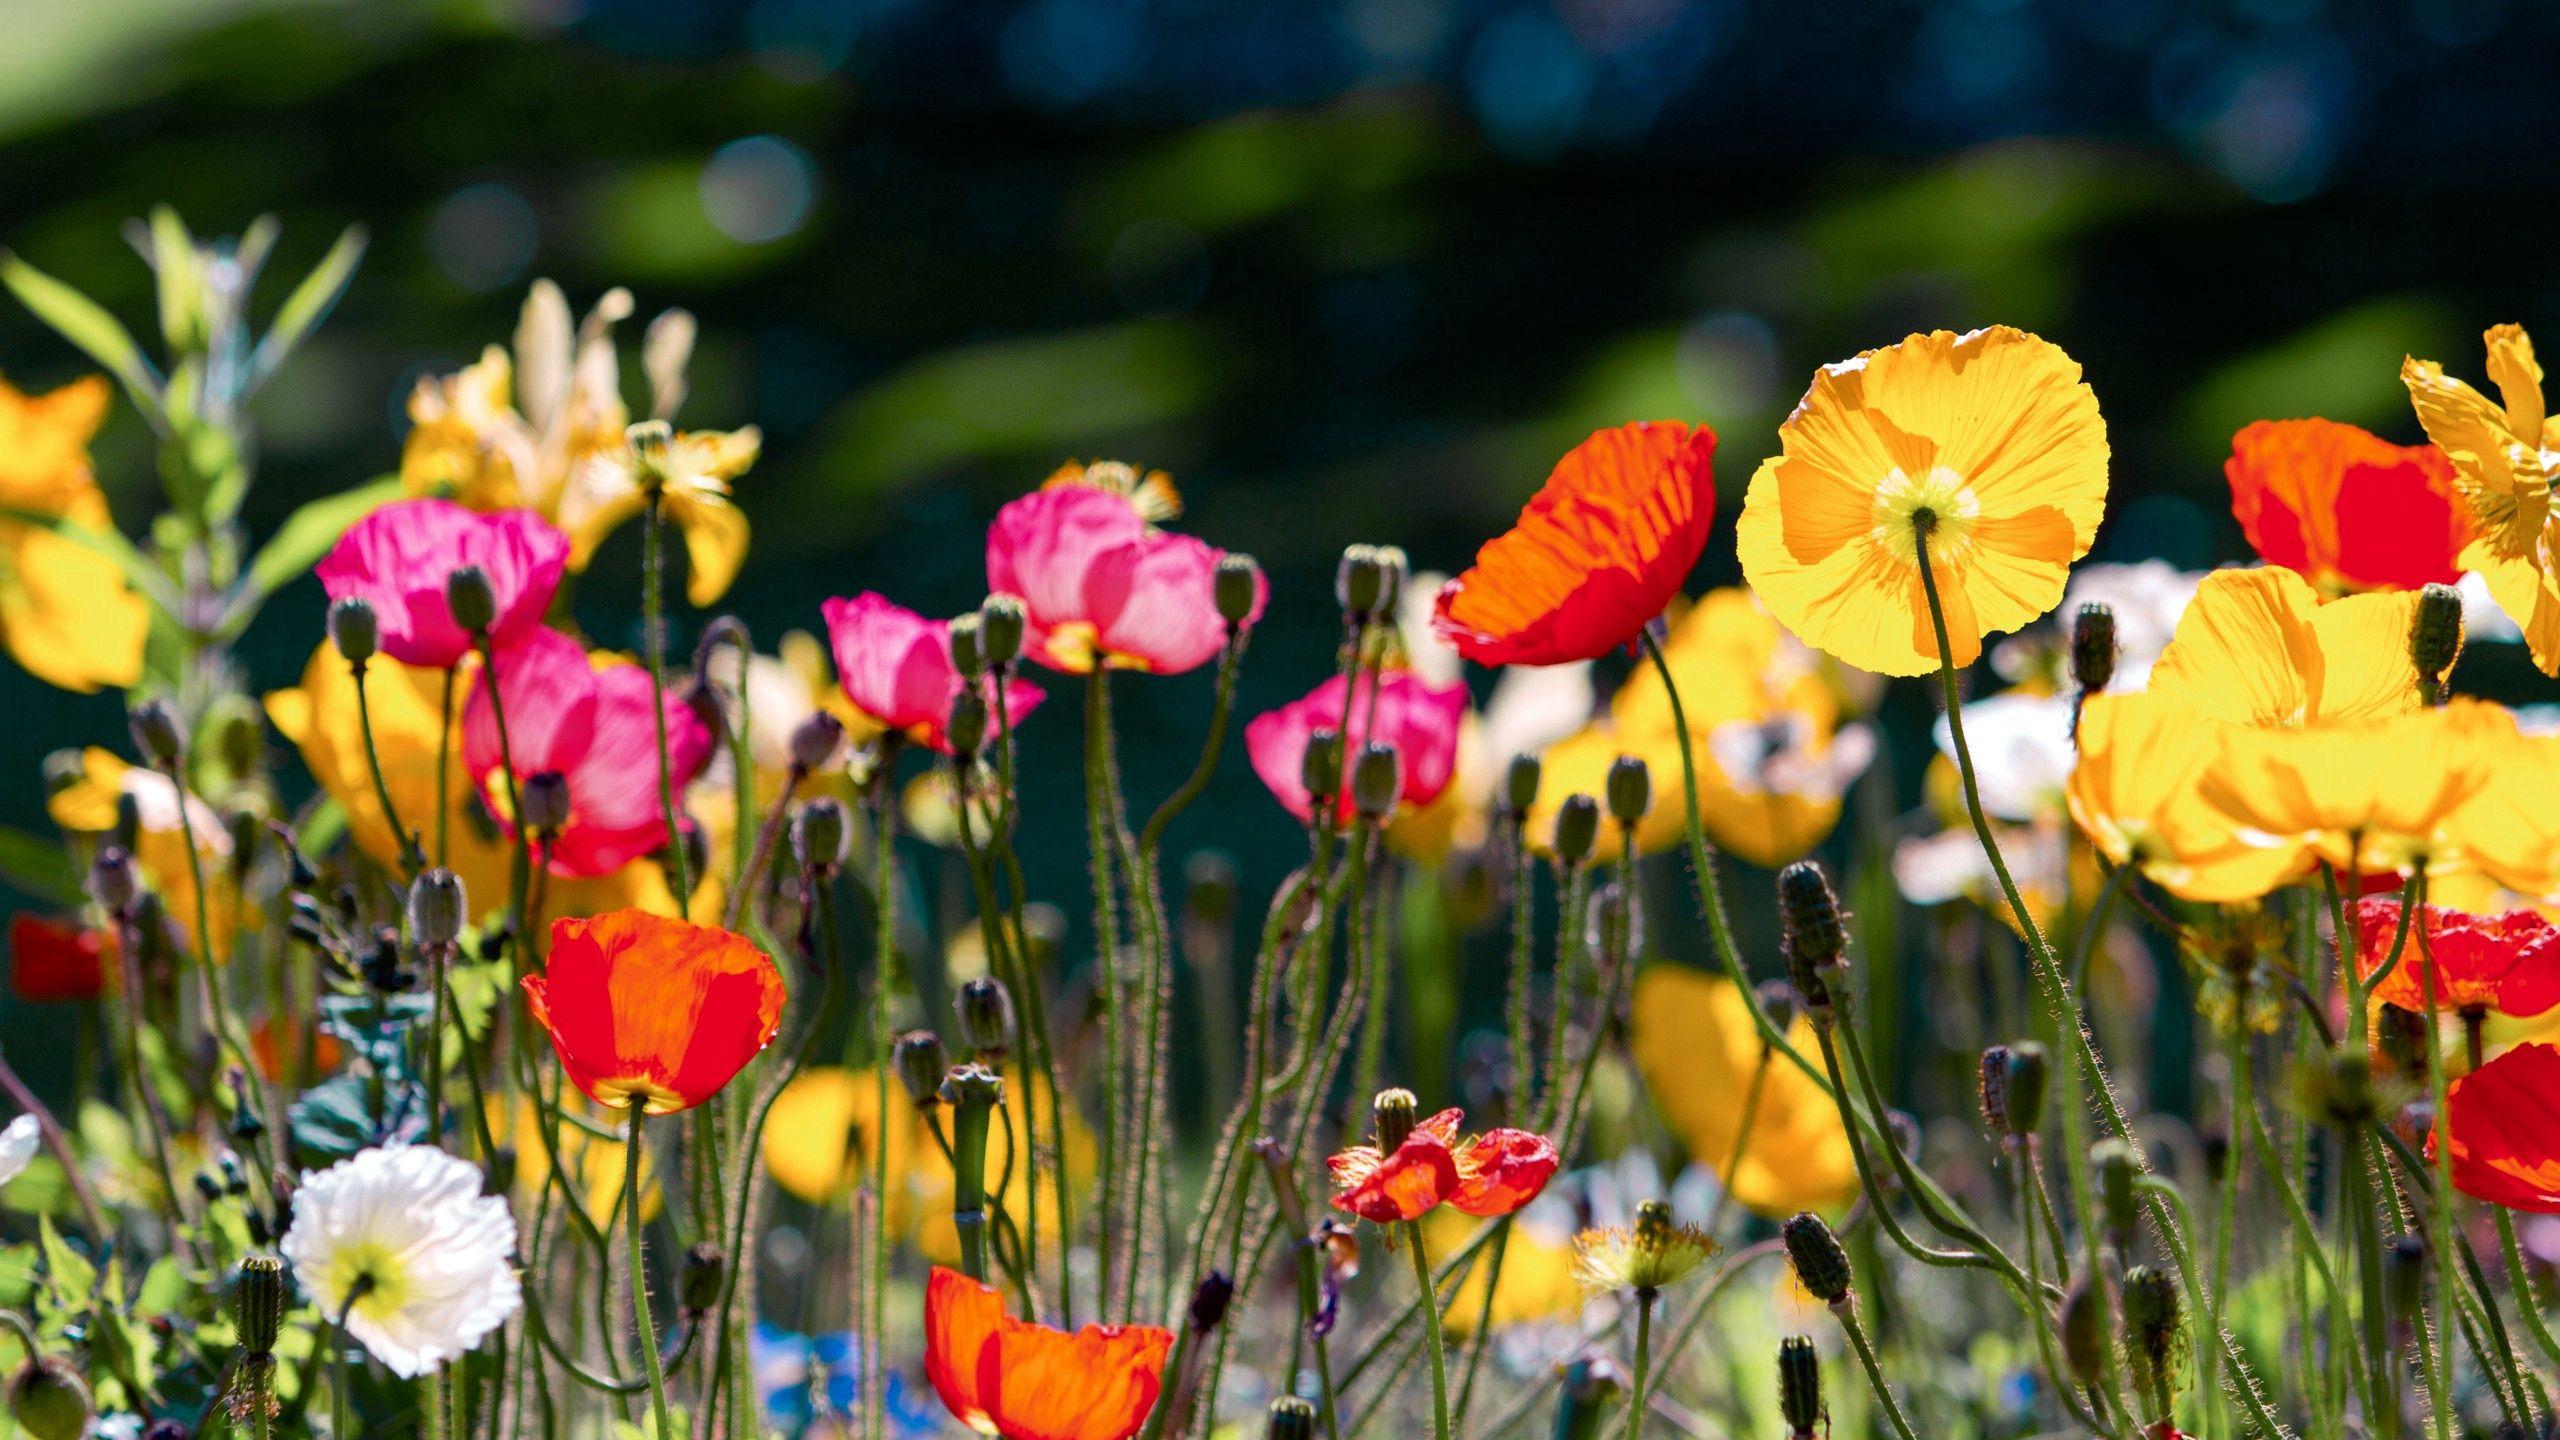 67471 Hintergrundbild 480x800 kostenlos auf deinem Handy, lade Bilder Blumen, Hell, Farbe, Polyana, Glade 480x800 auf dein Handy herunter